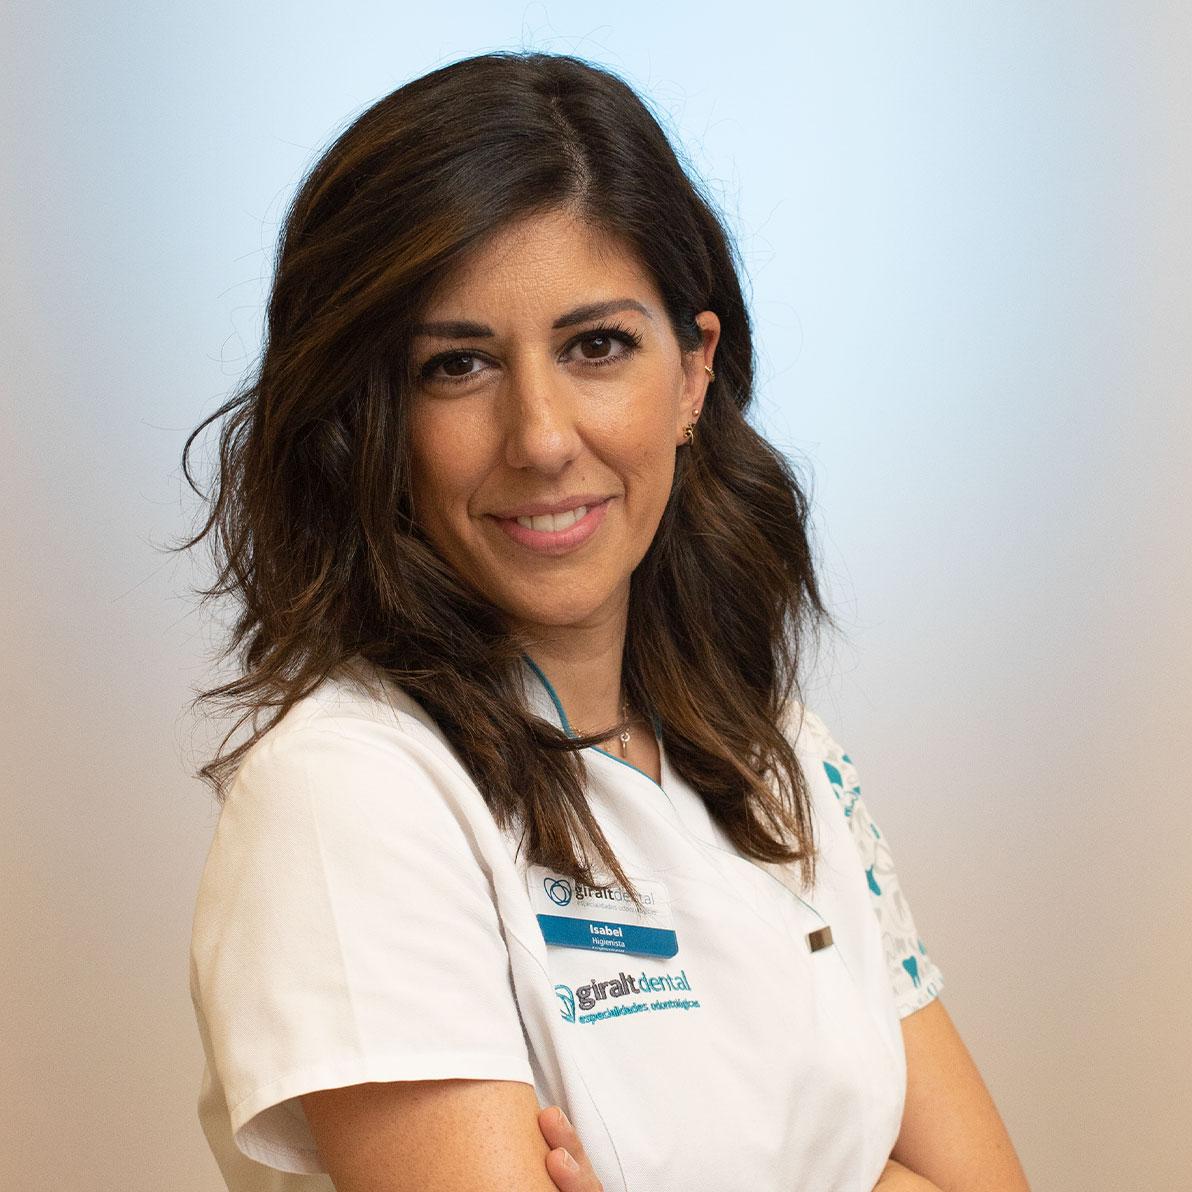 Isabel - Higienista en Clínica Dental Giralt